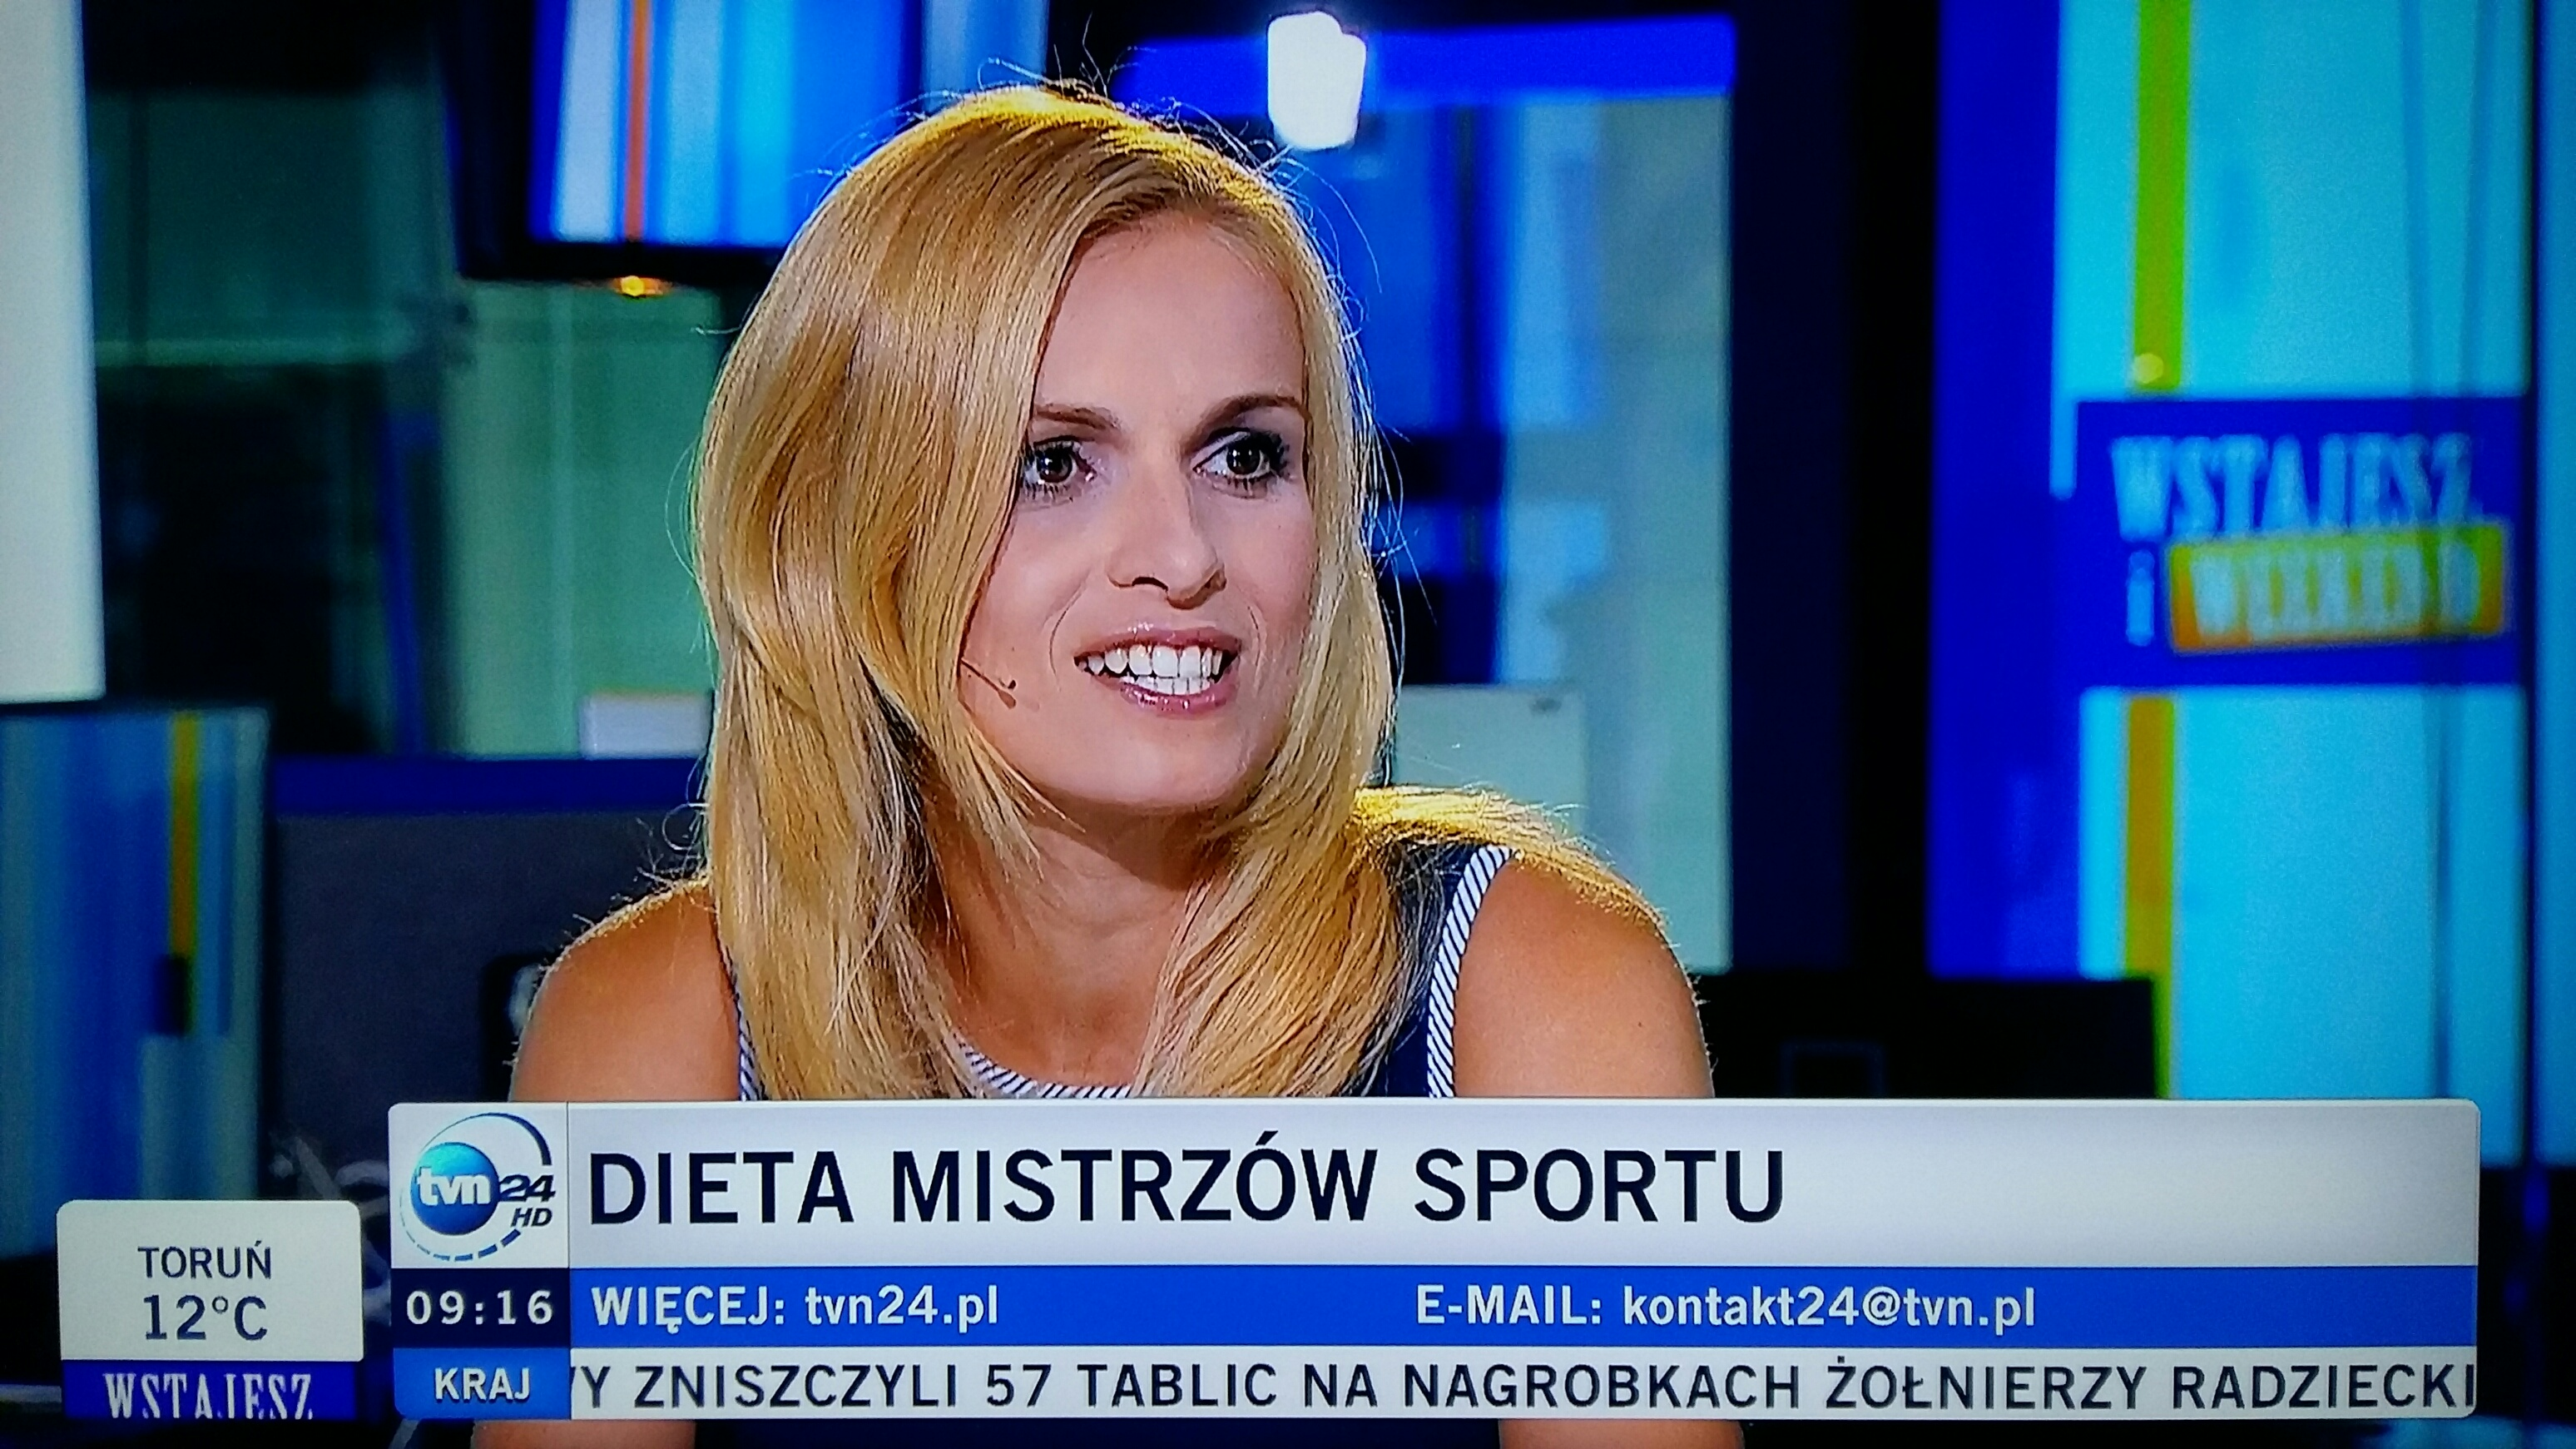 Justyna Mizera dietetyk sportowców